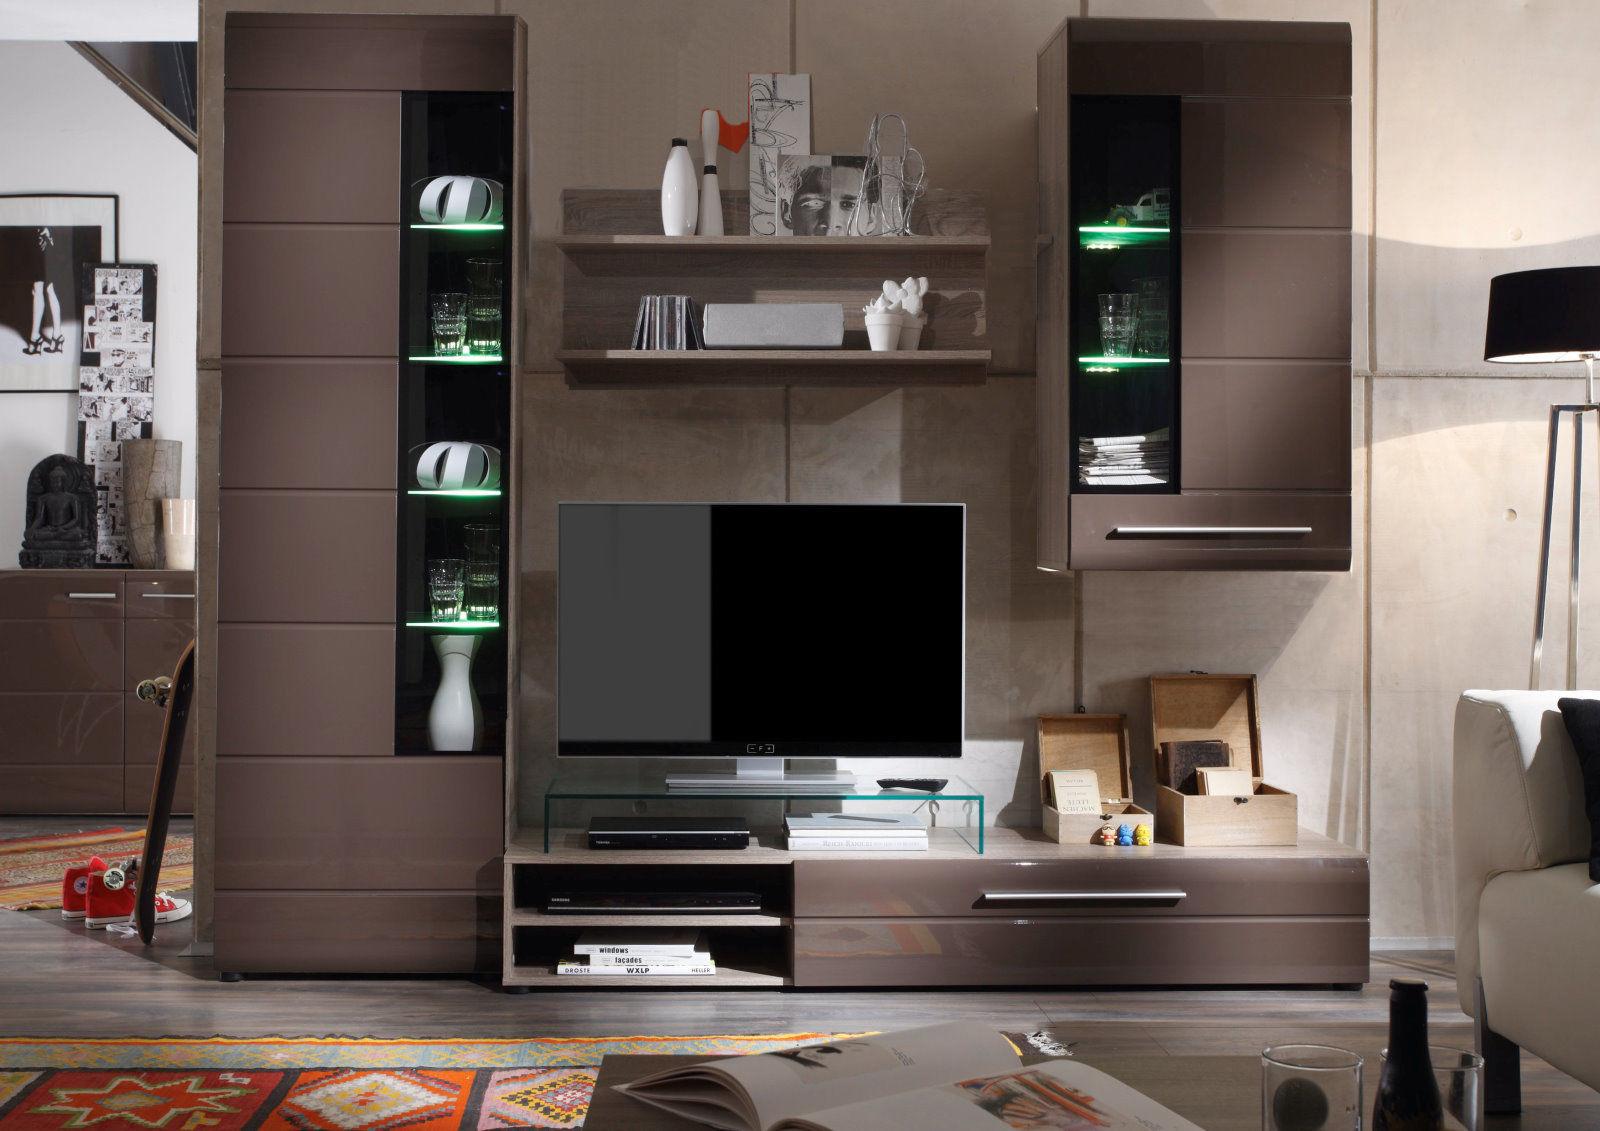 massivholzmobel wohnzimmerschrank, vitrine john trend + beleuchtung wohnzimmer schrank möbel braun, Design ideen